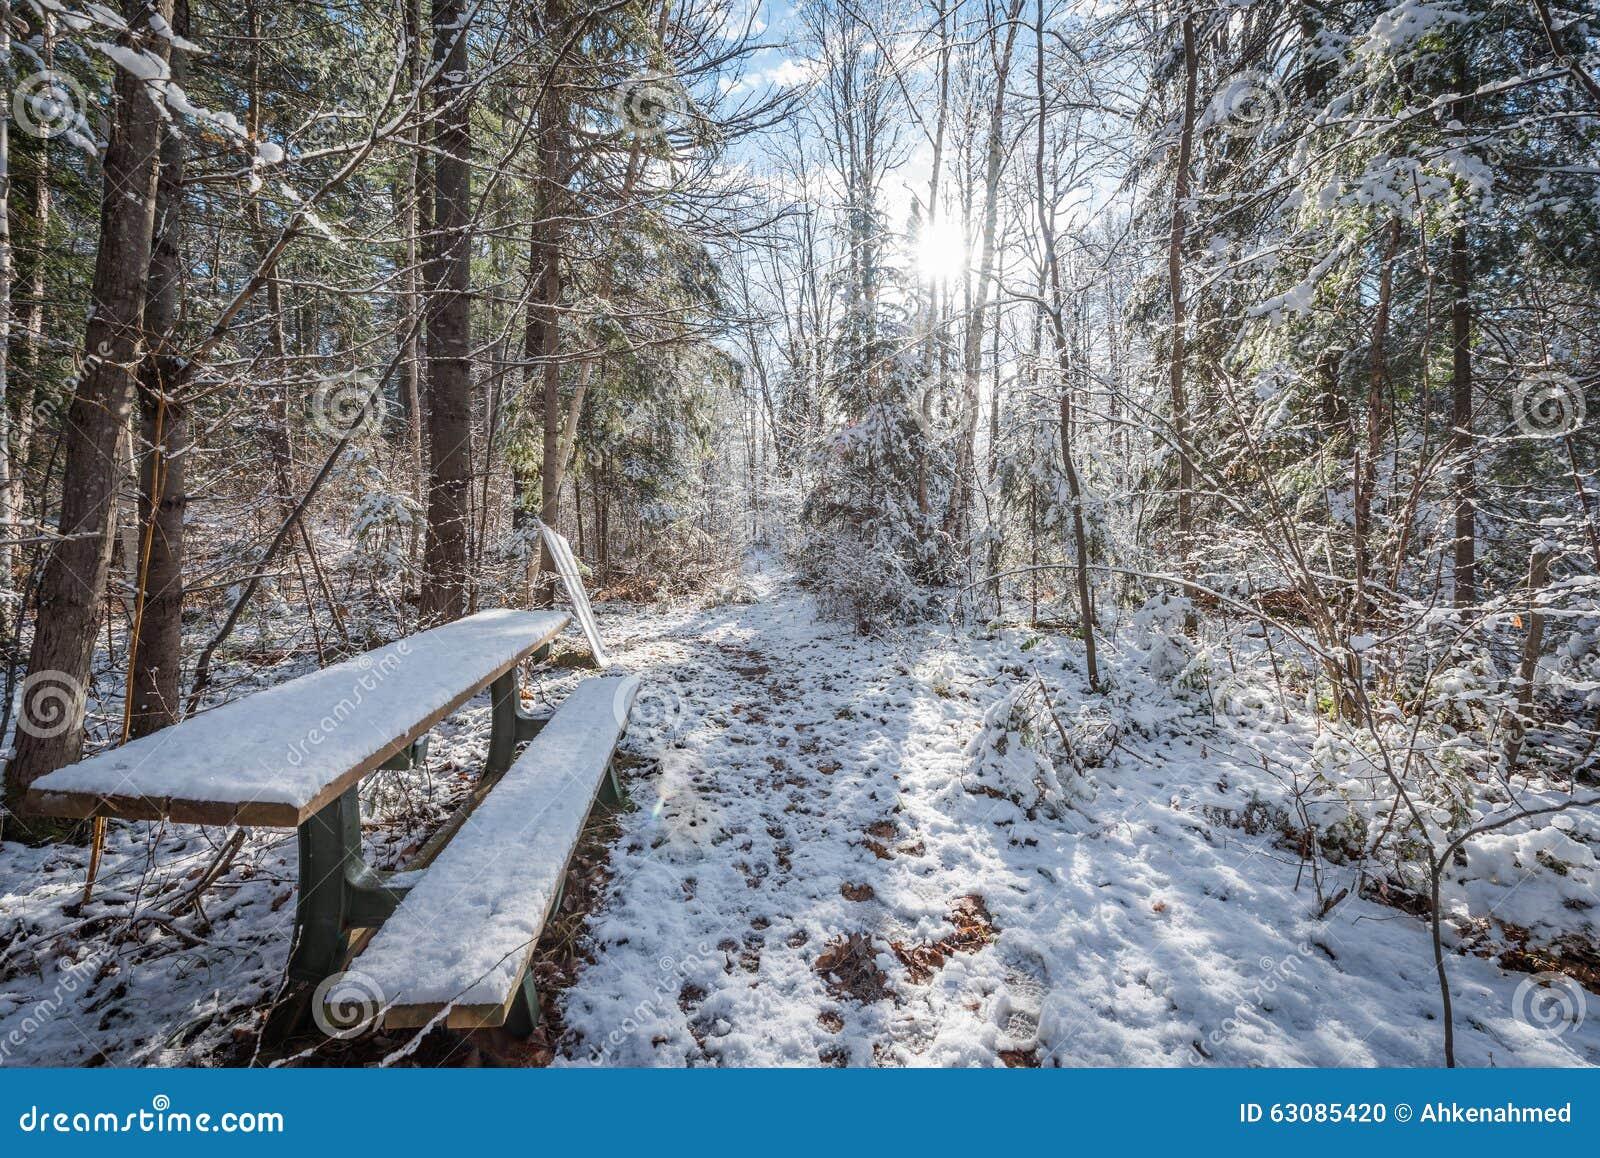 Download Banc dans les bois photo stock. Image du stationnement - 63085420